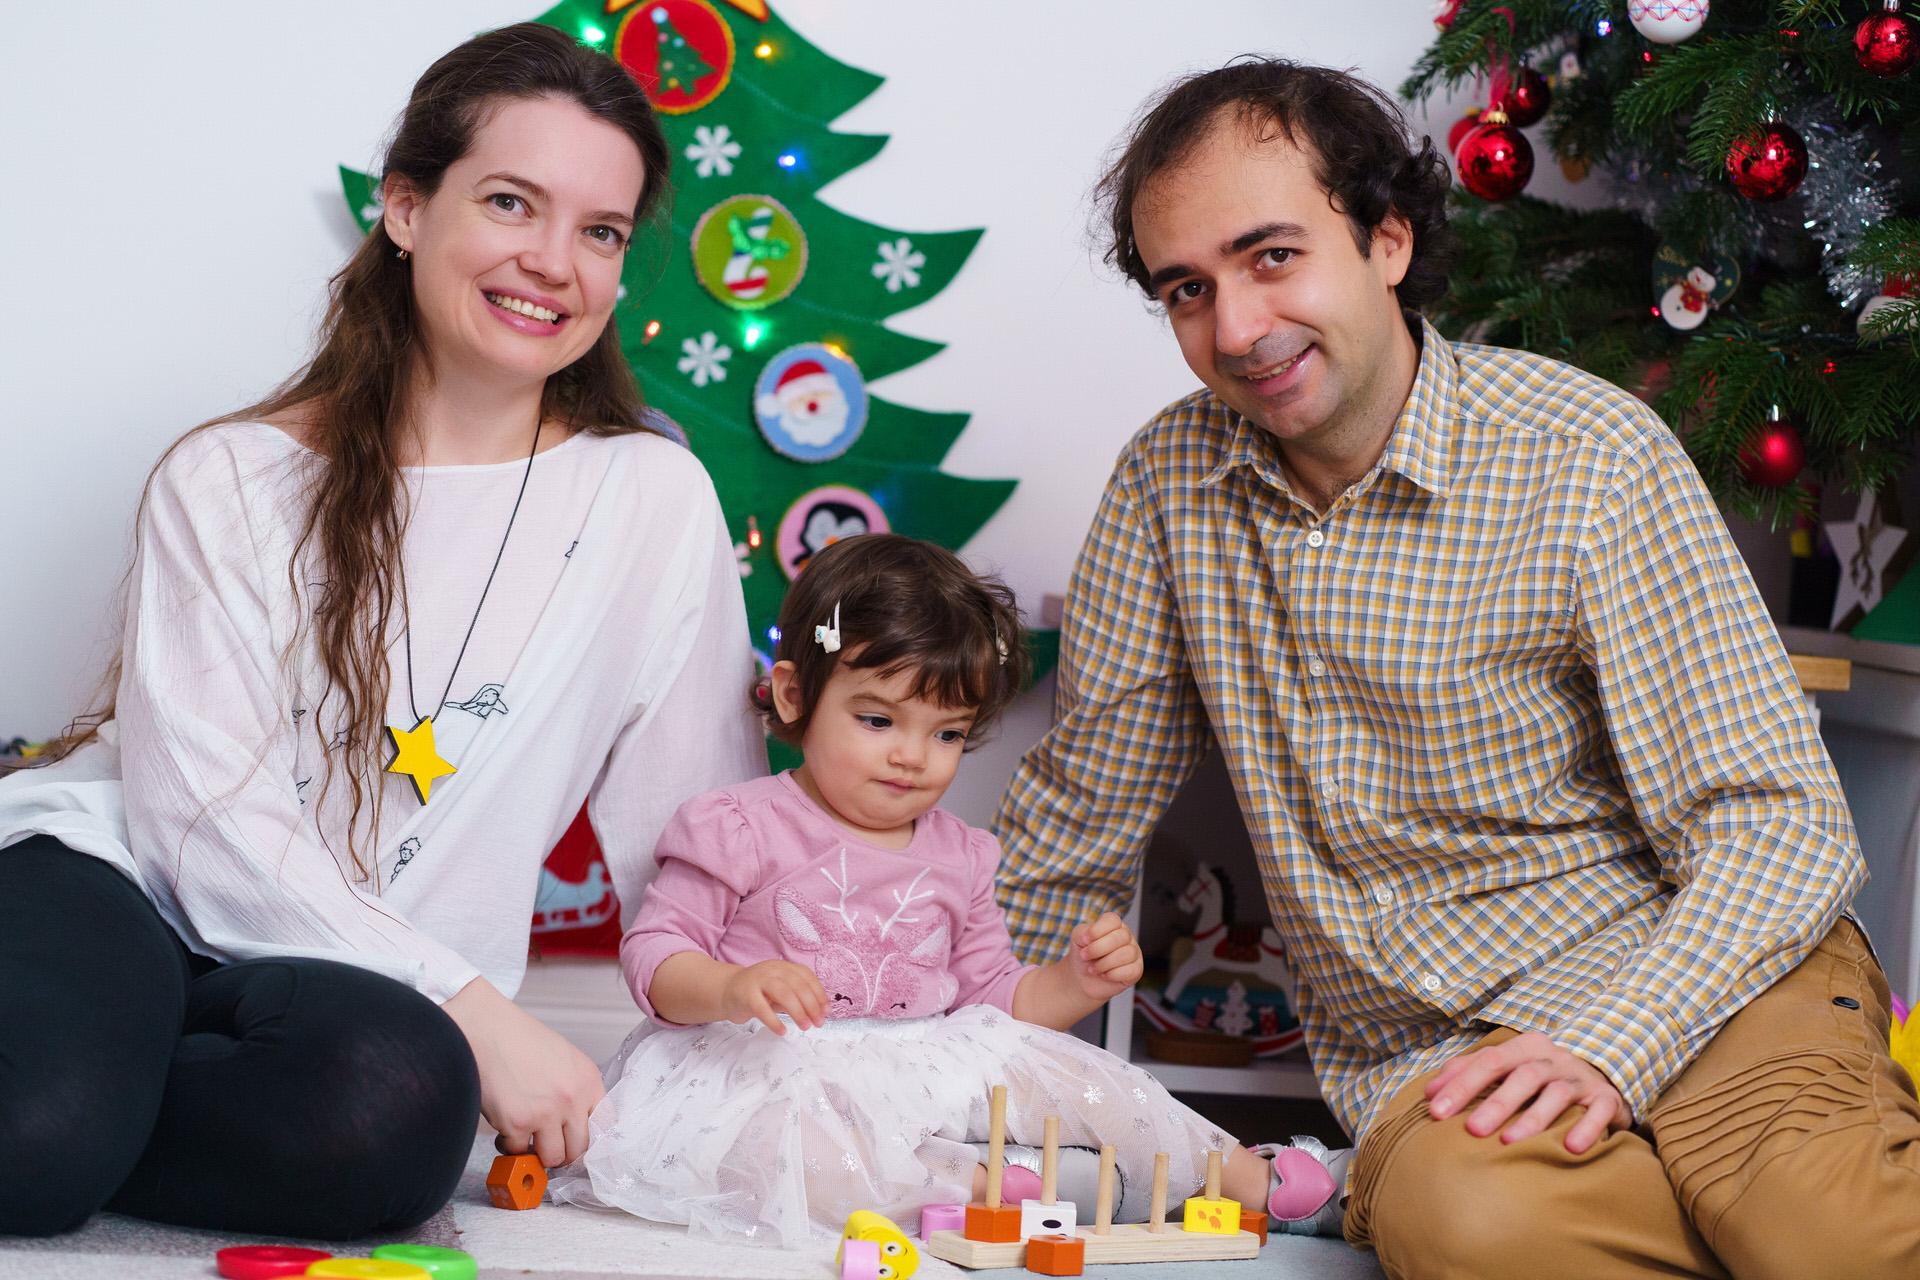 Ședinta foto de Crăciun, fotografie de familie